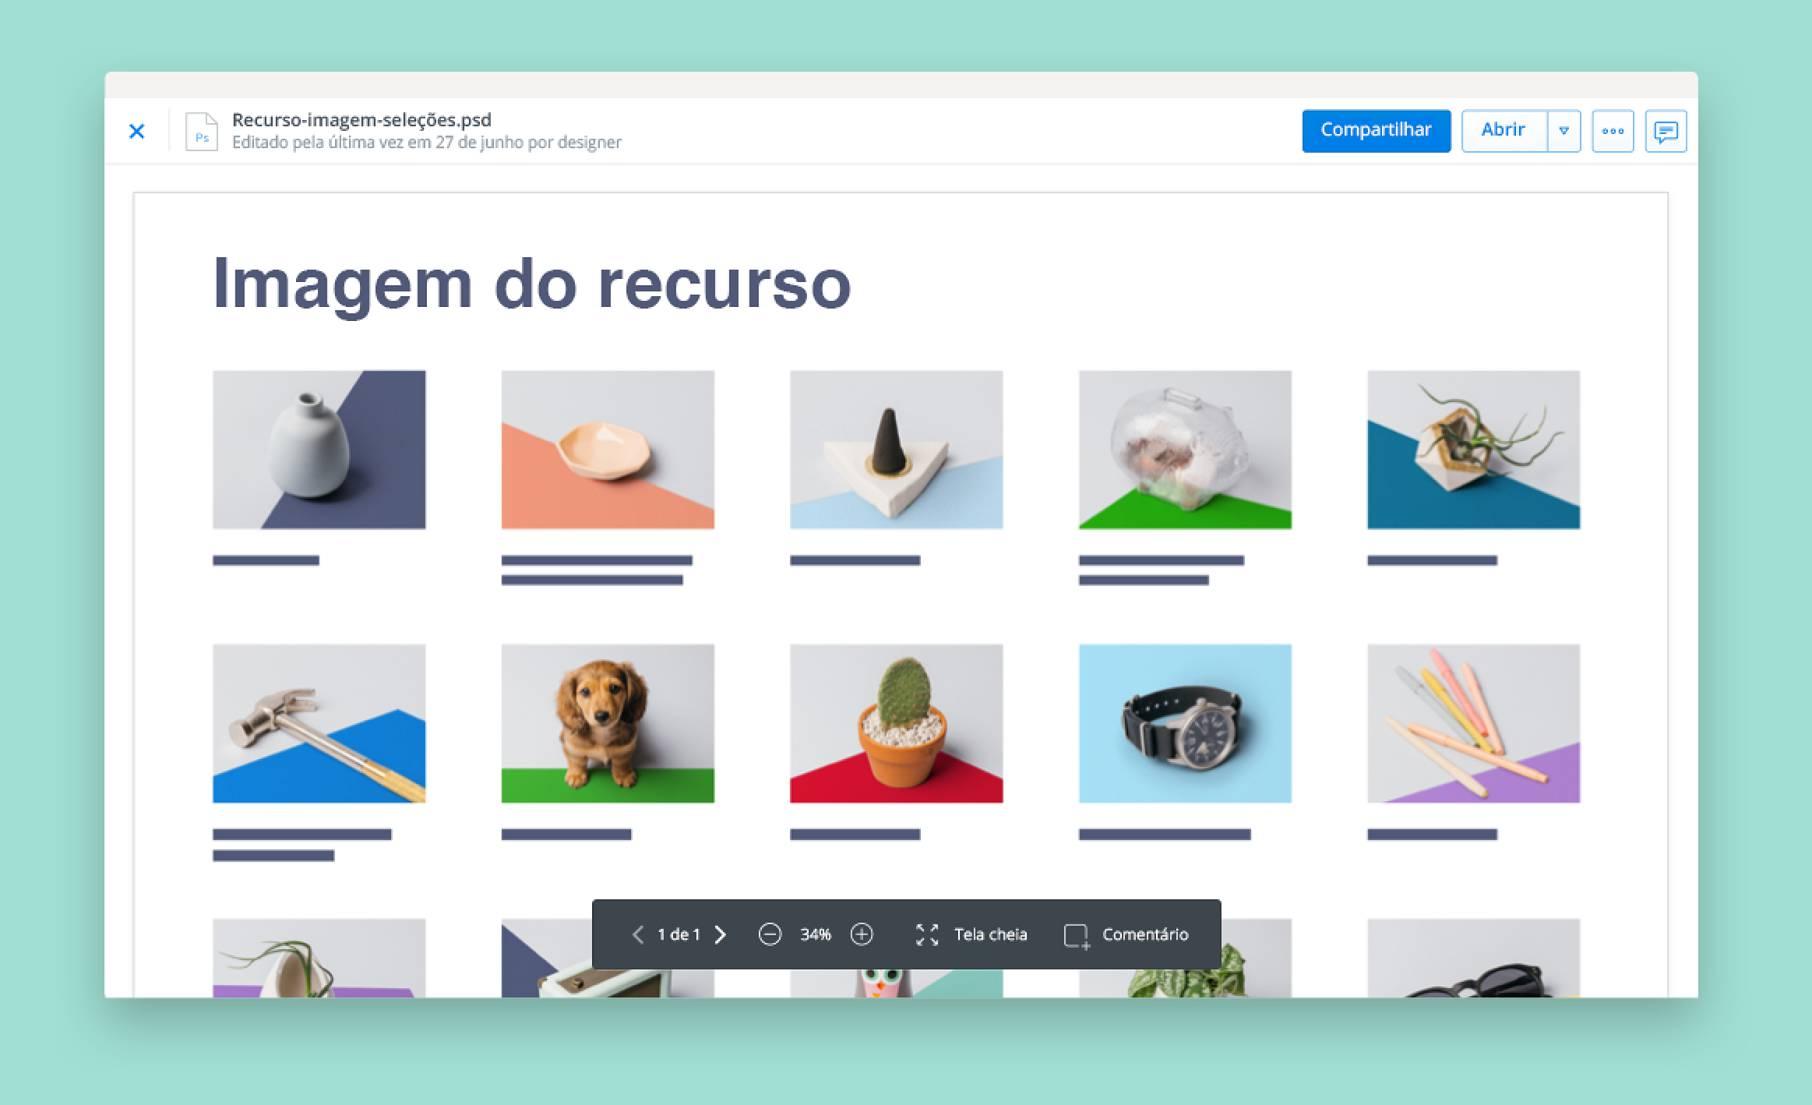 Veja imagens com a pré-visualização de arquivos doDropbox